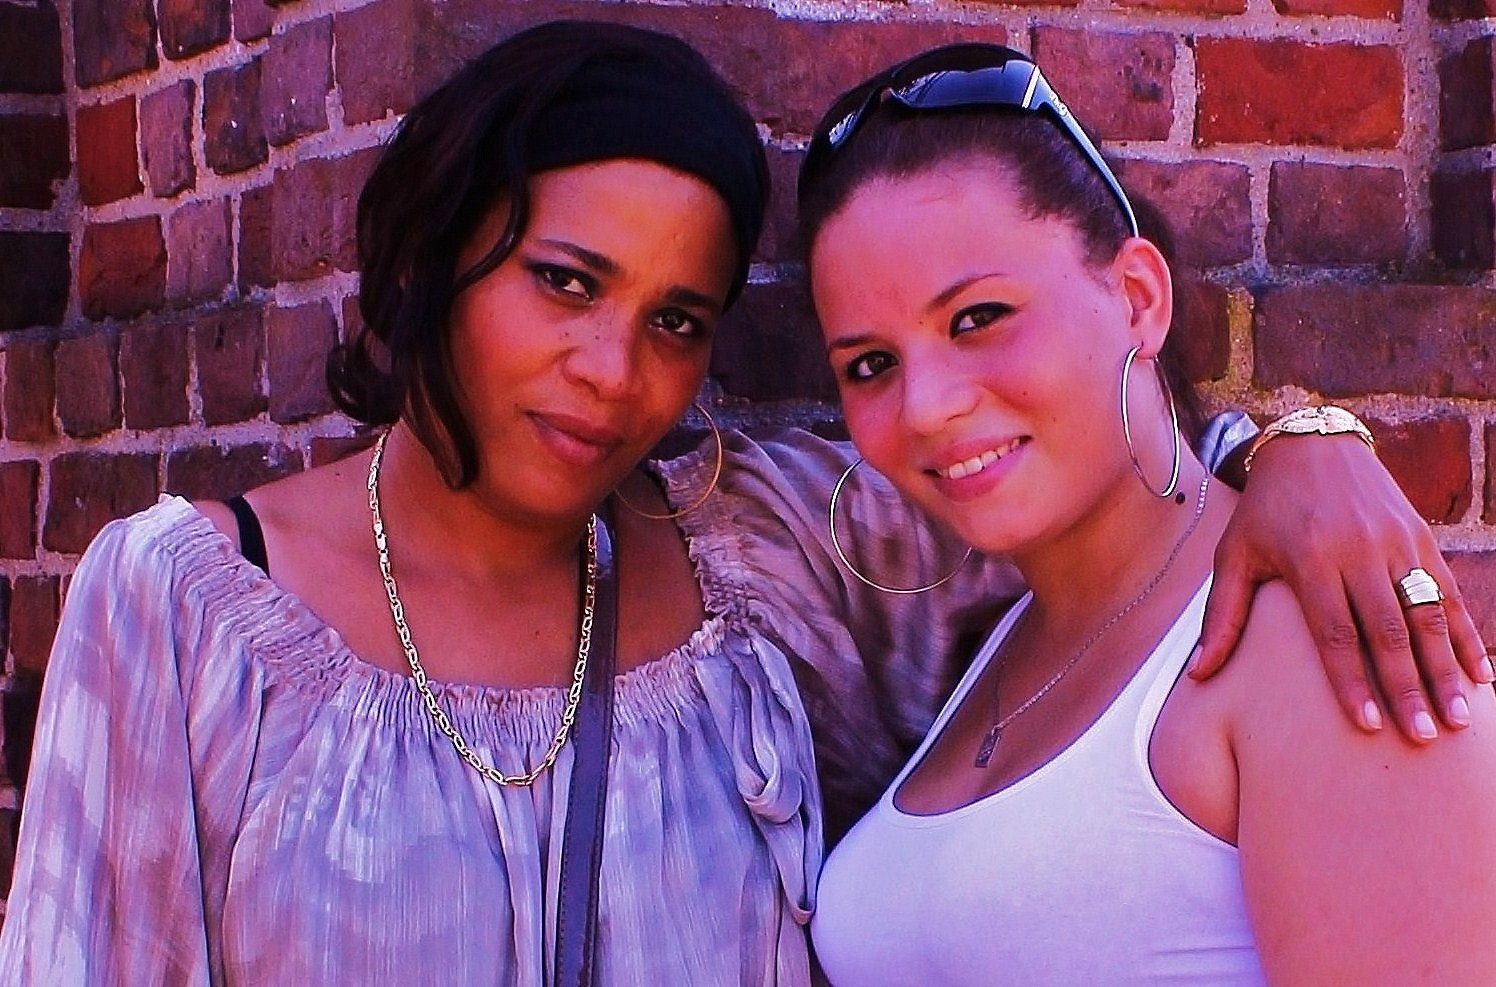 Mutter.....und Tochter..:)